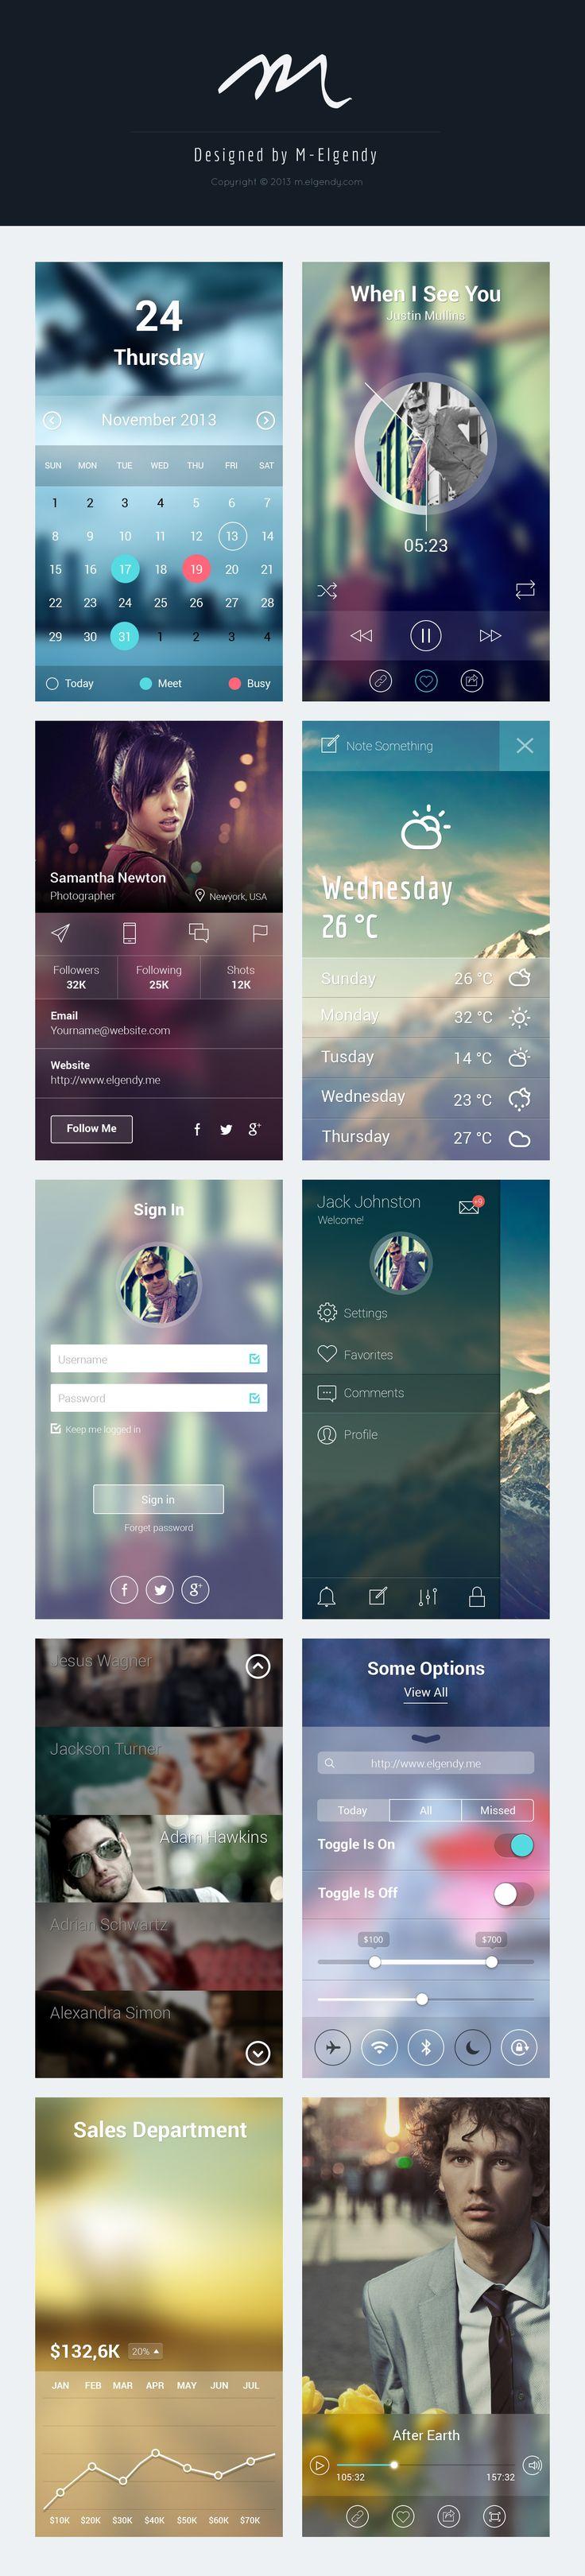 iOS 7 App Screens - http://grapehic.com/ios-7-app-screens/photoshop/psd